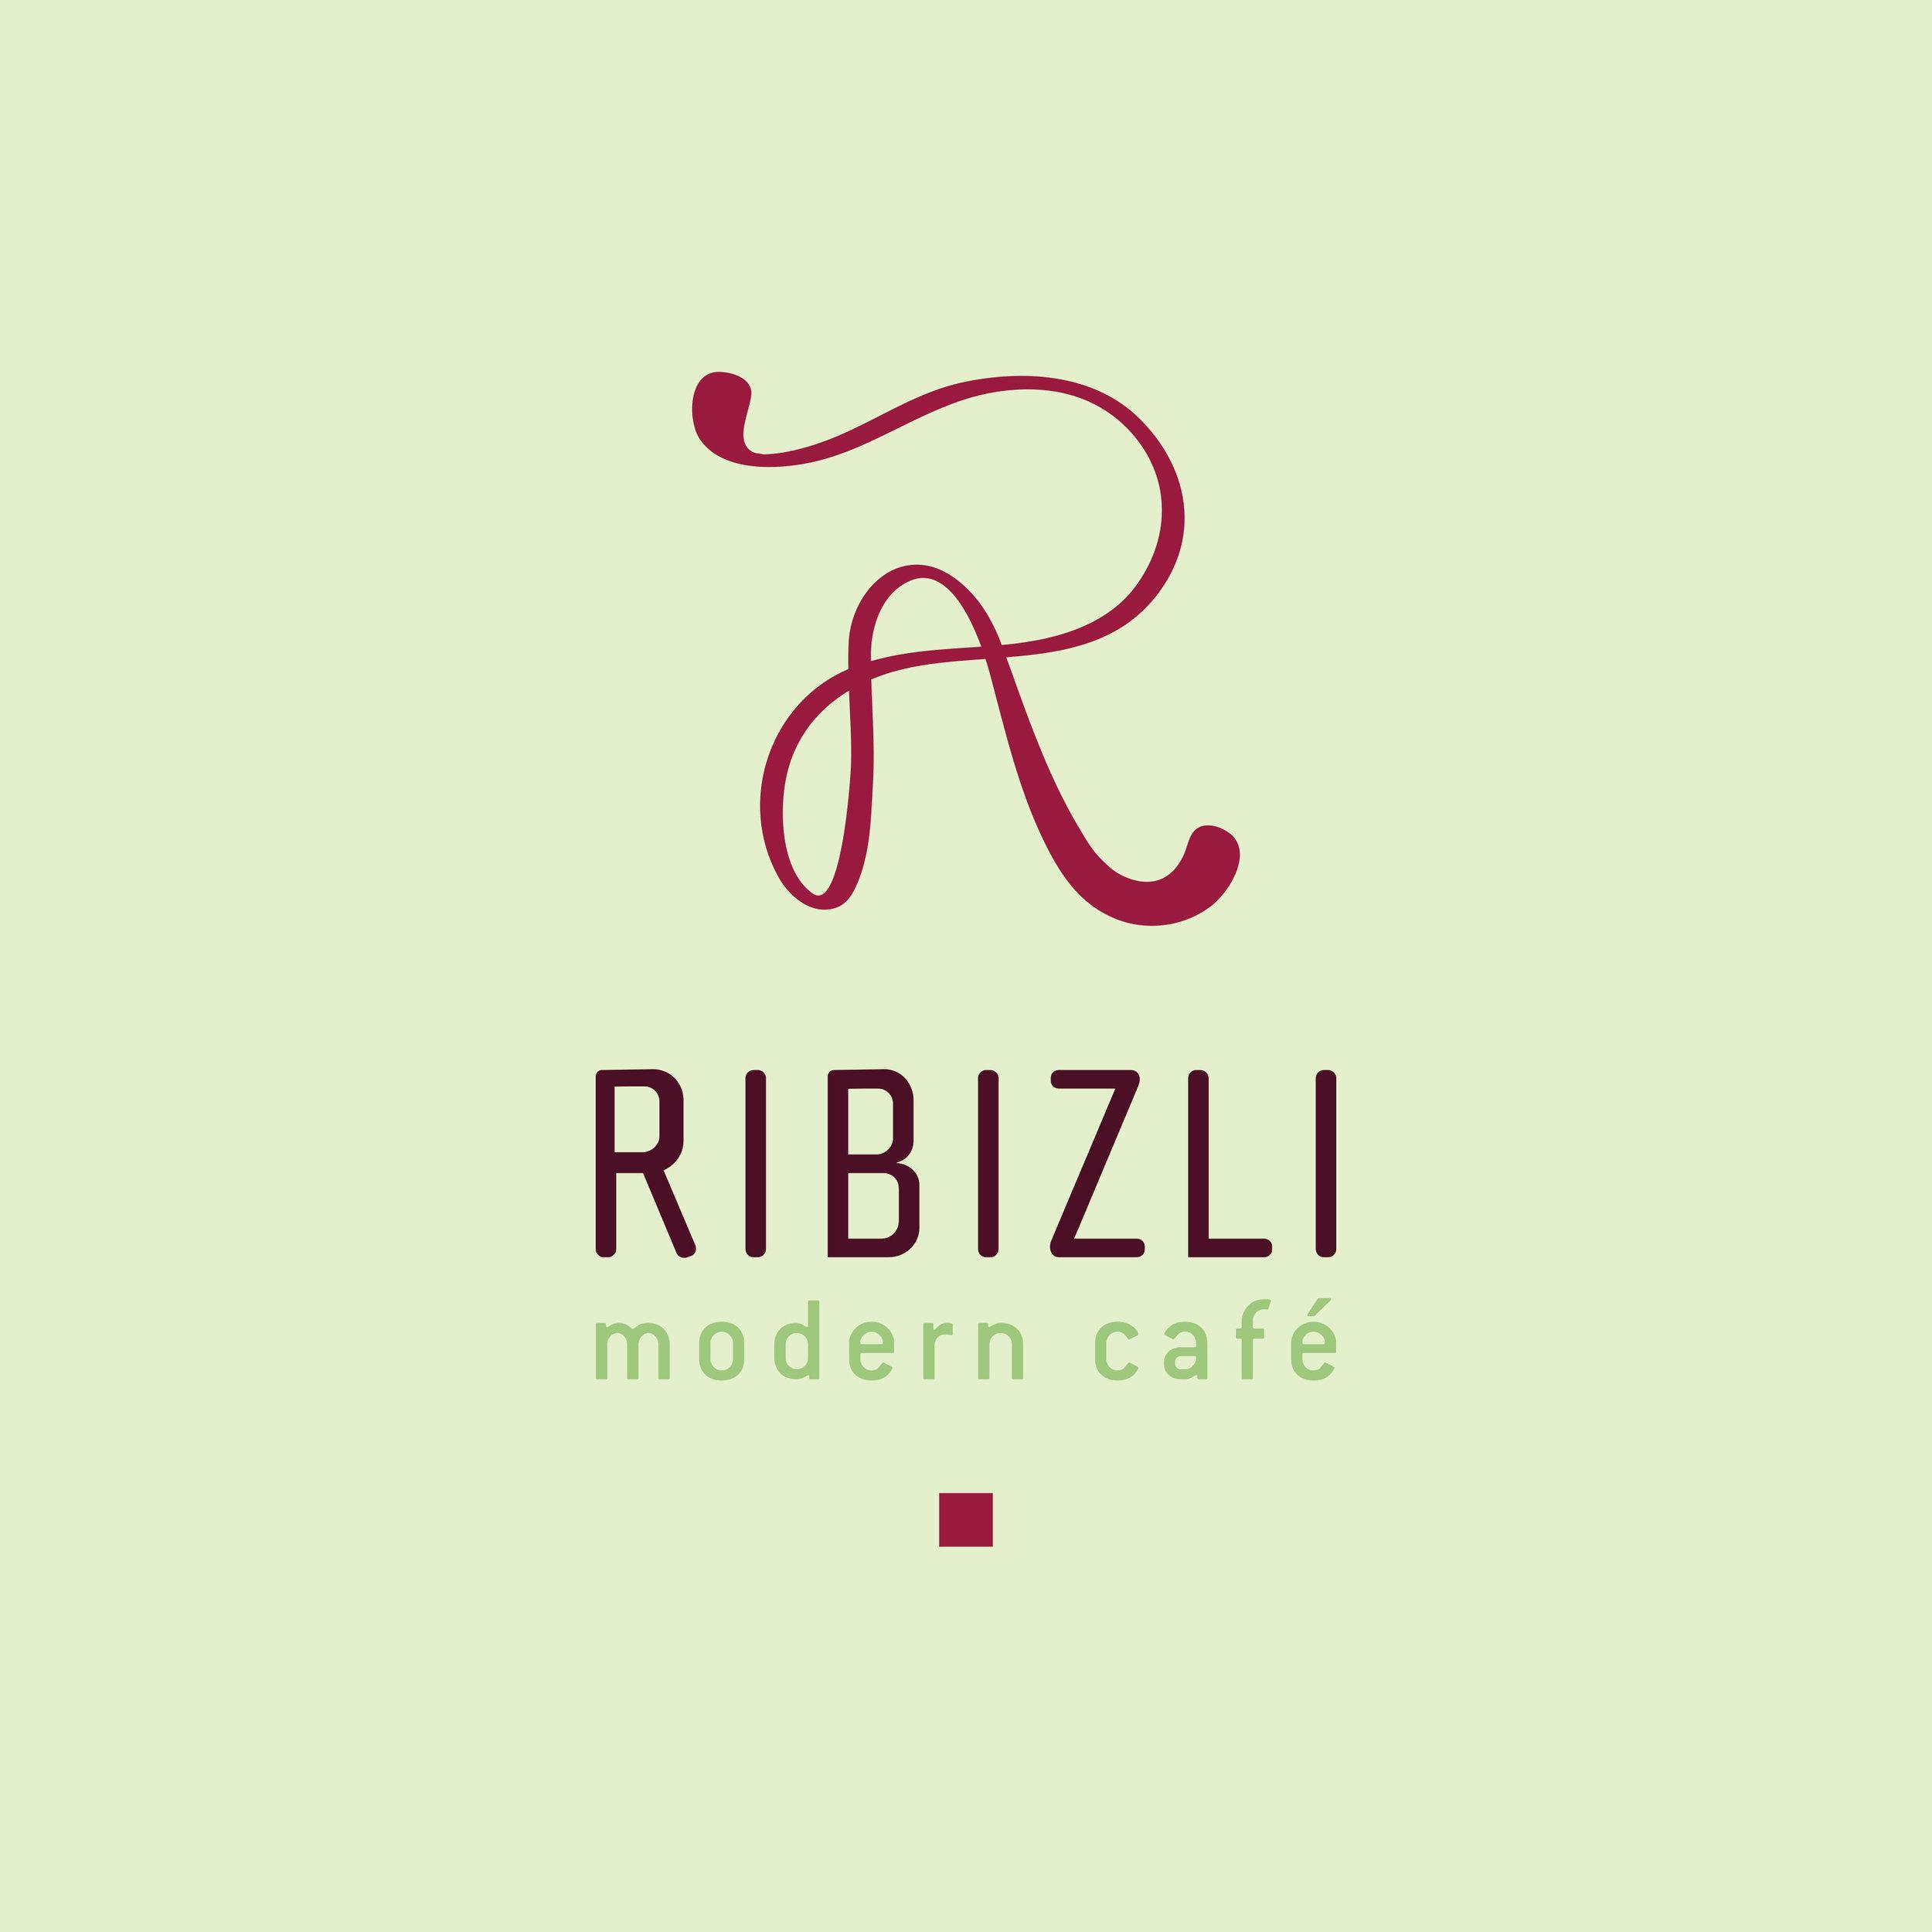 Ribizli_logo_green-1.jpg